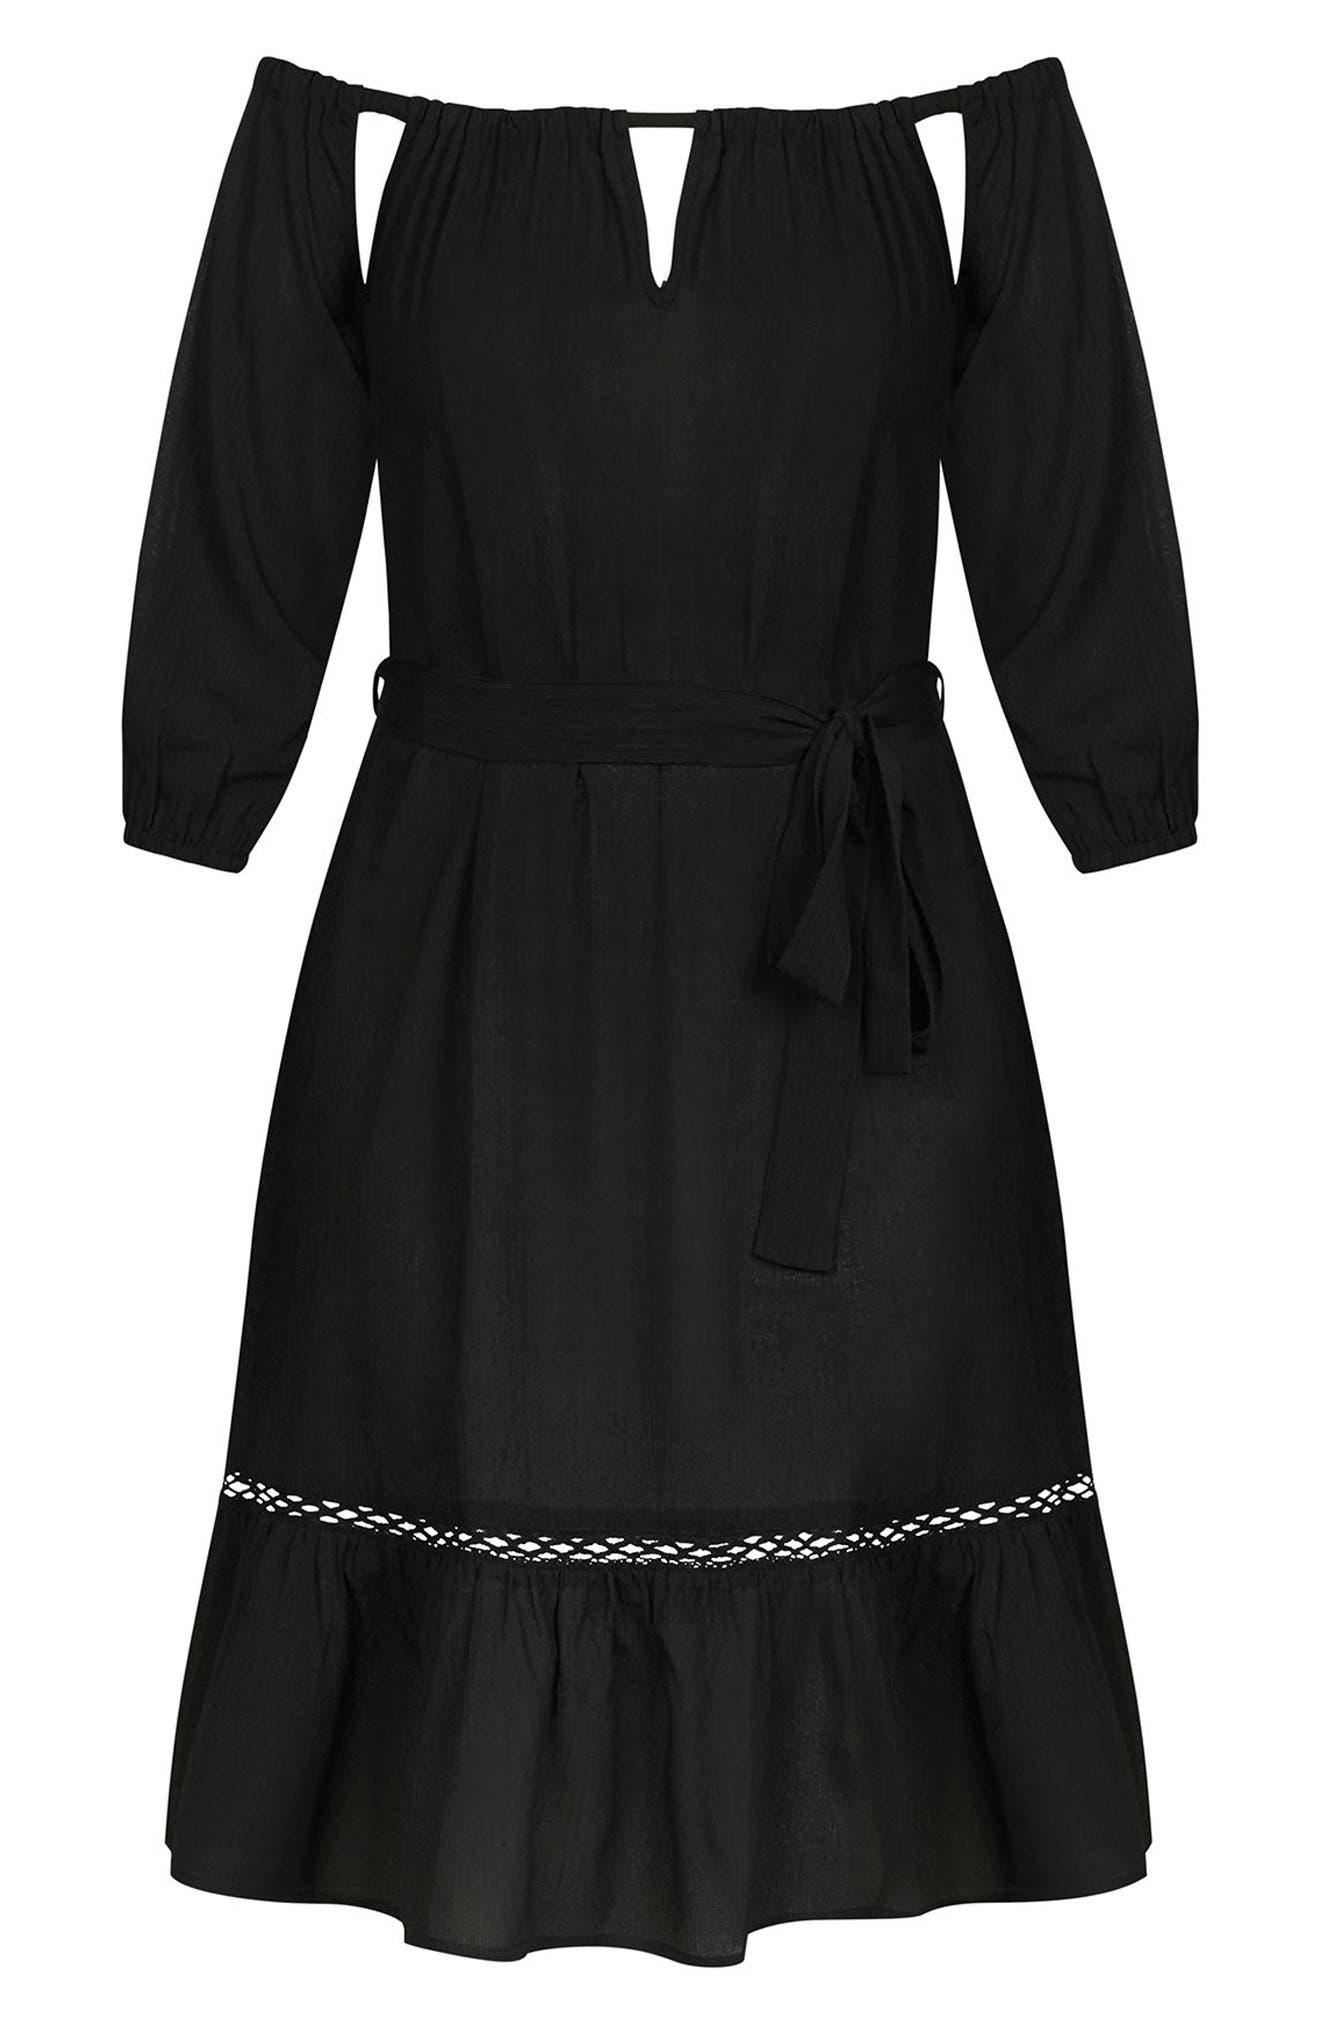 Darling Diva Off the Shoulder Dress,                             Alternate thumbnail 3, color,                             Black